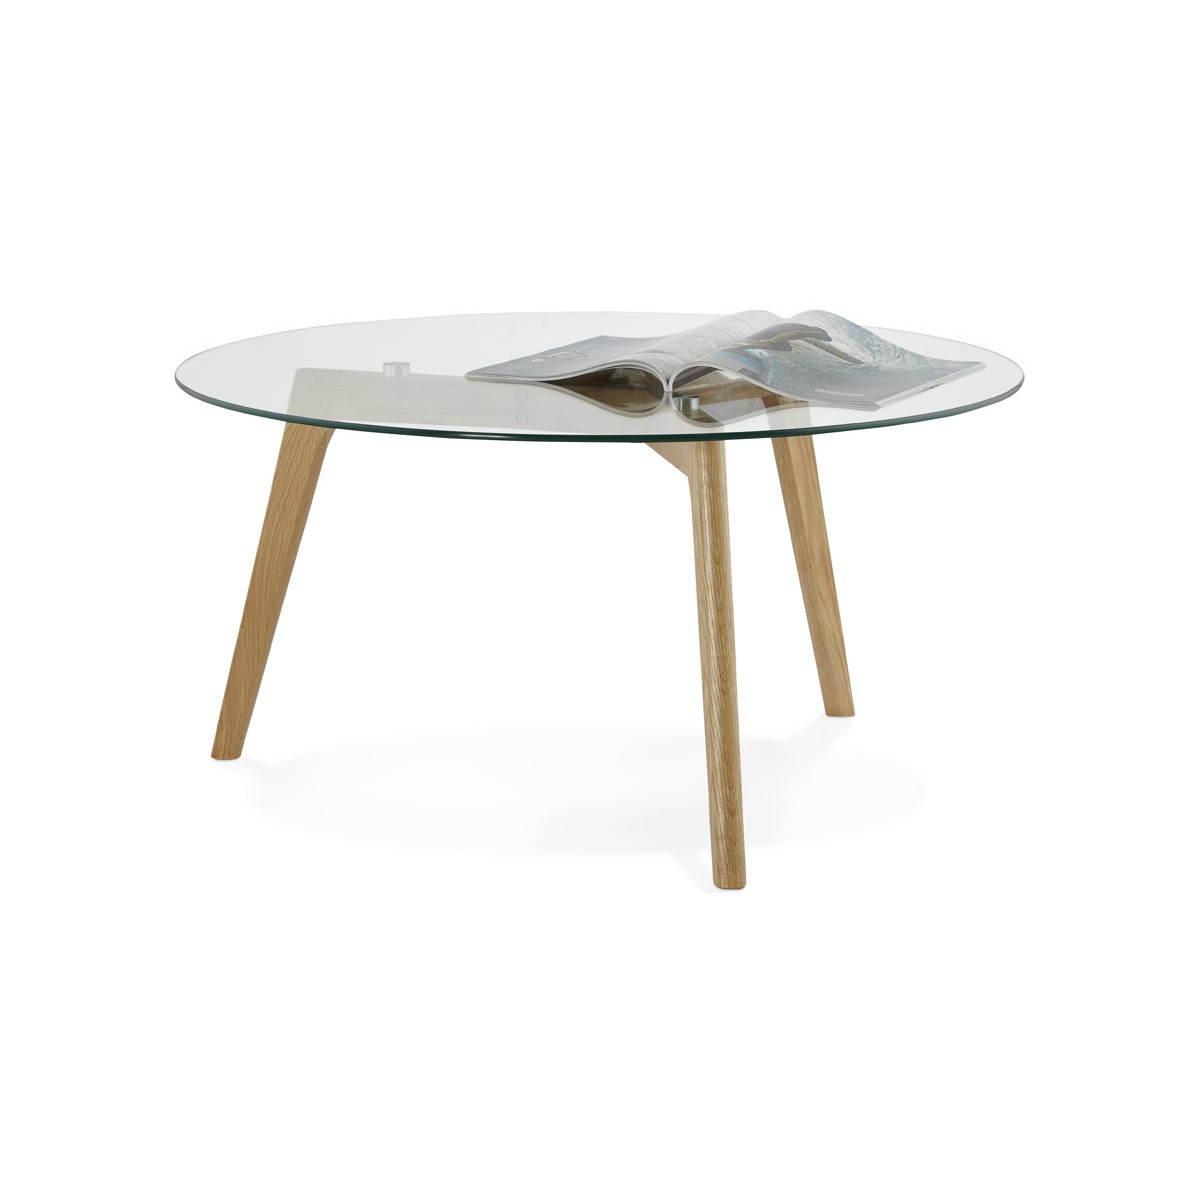 table basse style scandinave tarot en verre et chene massif amp story 3762